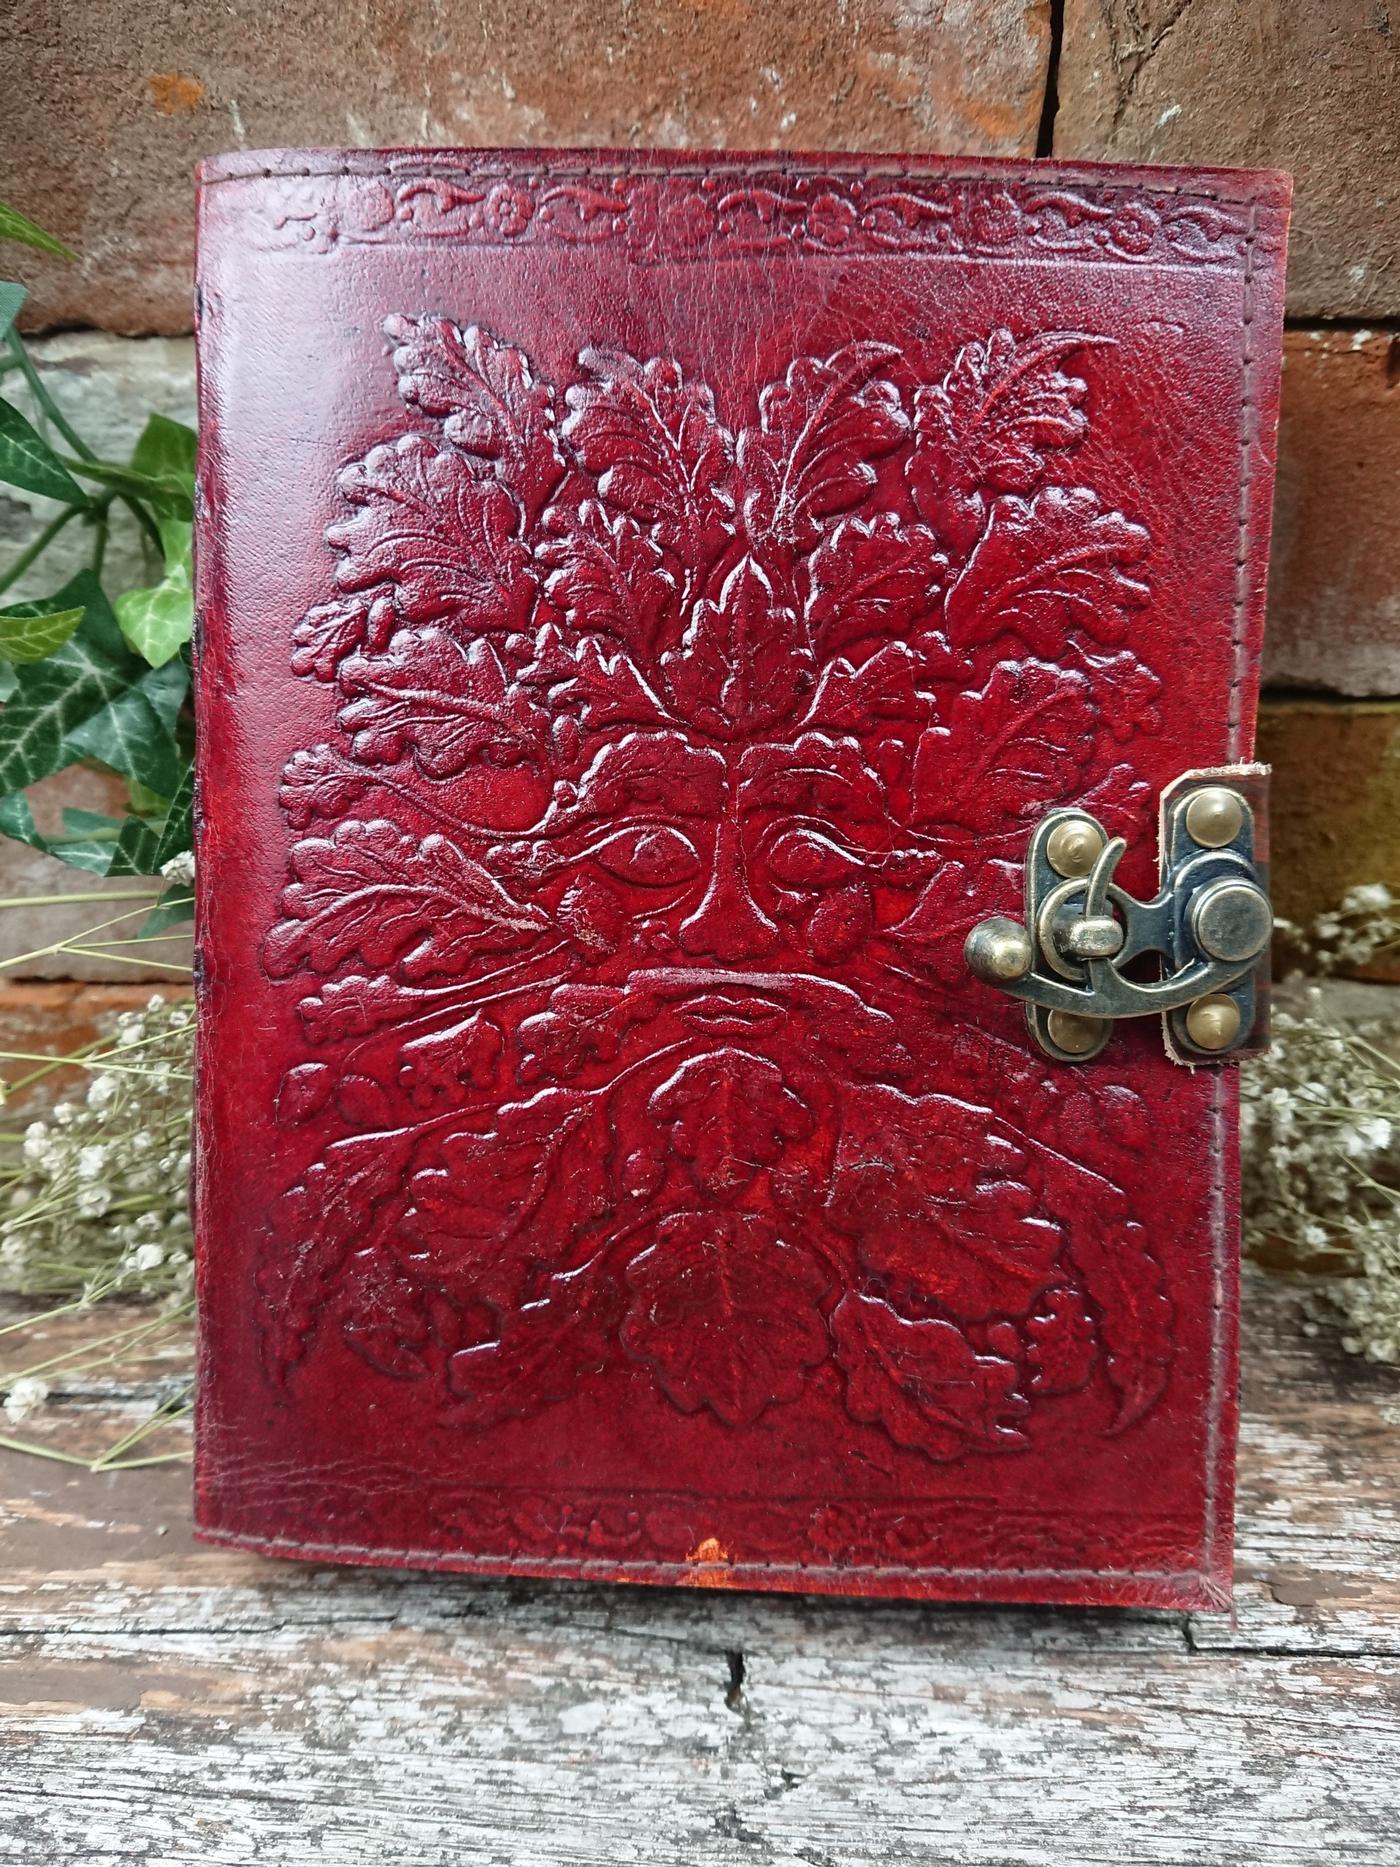 Green man Journal Book of Shadows